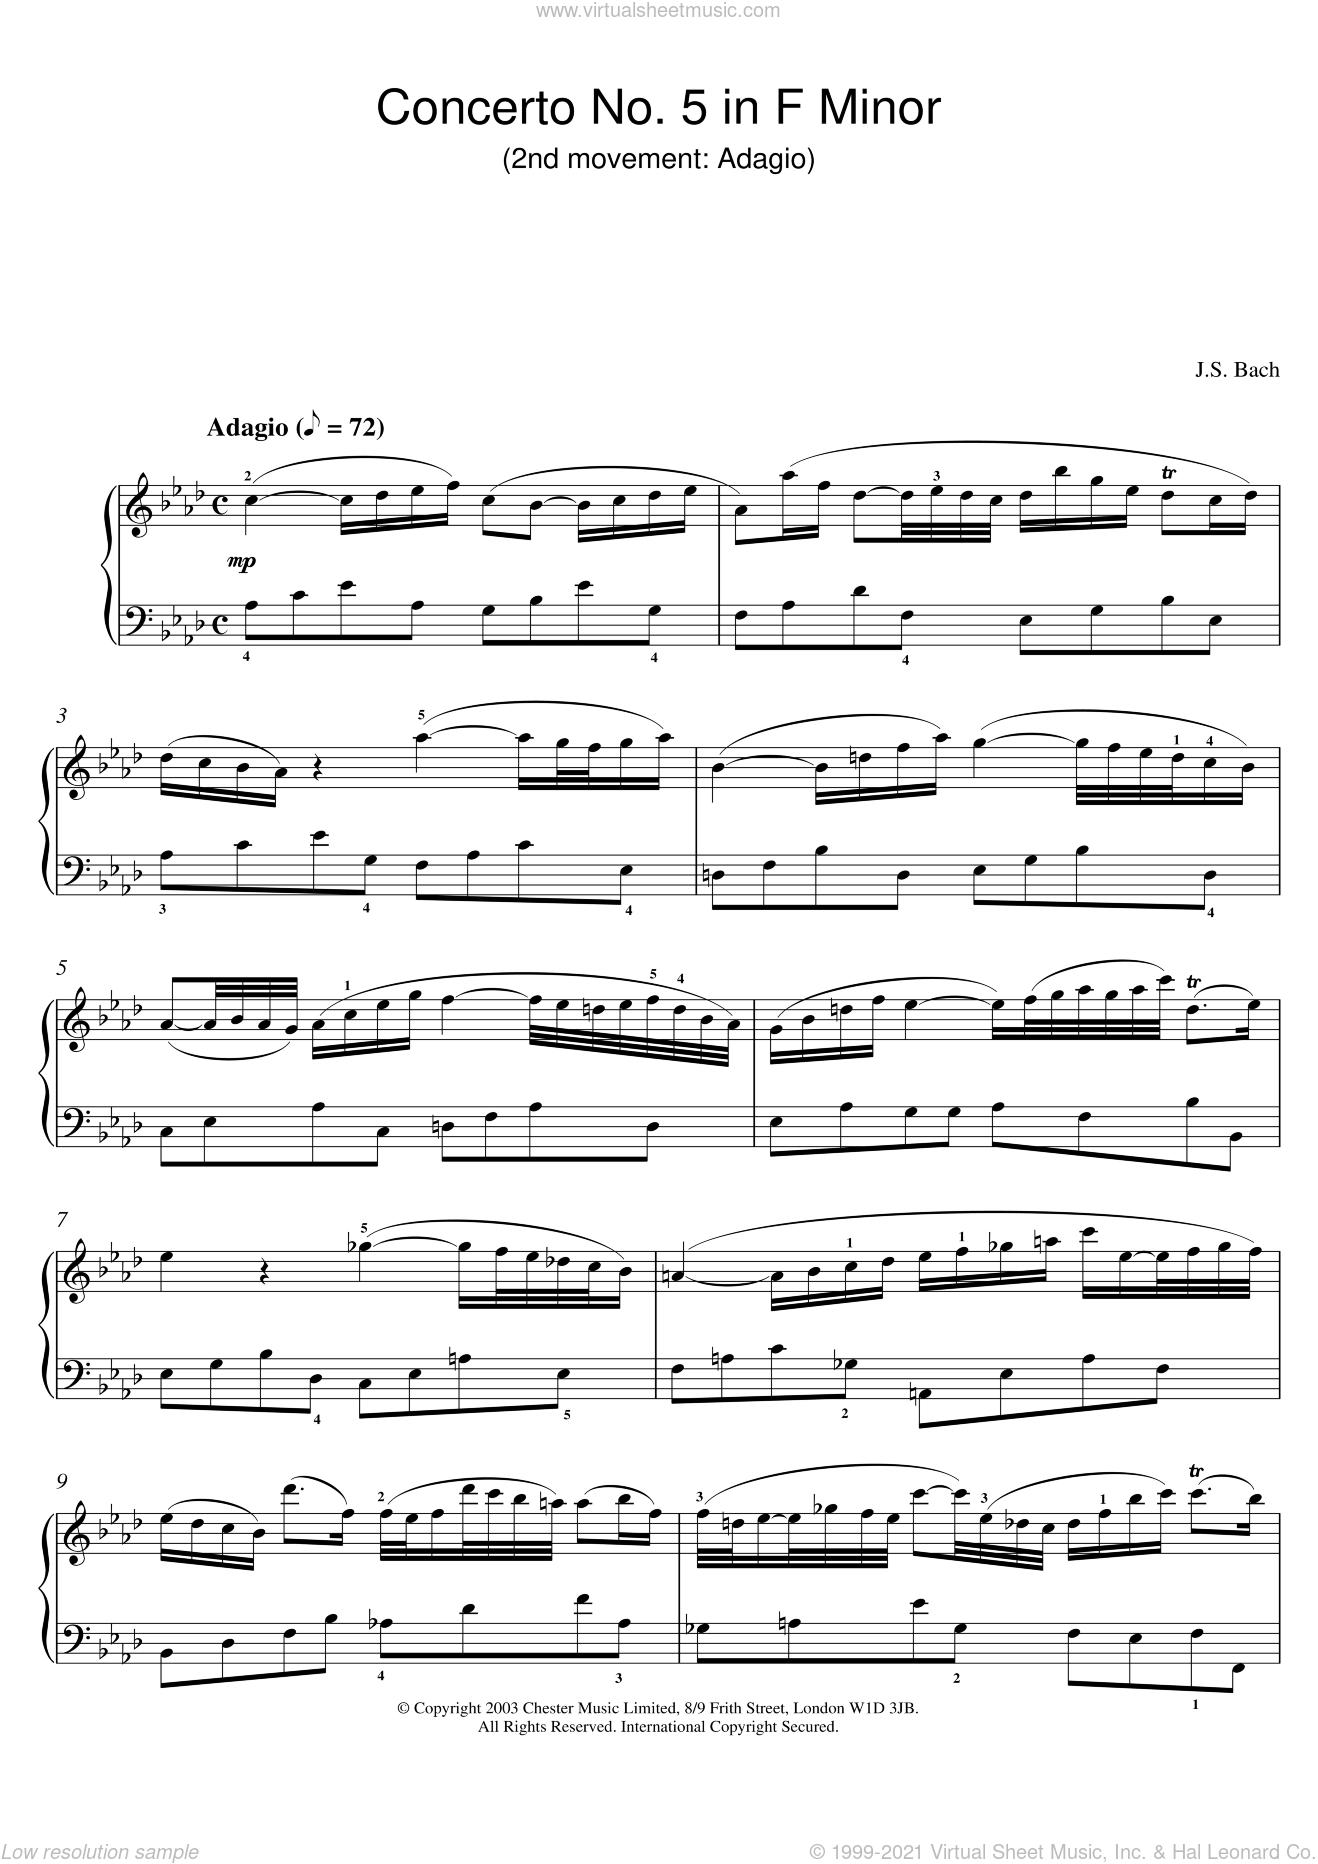 Piano Concerto No. 5 in F Minor (2nd movement: Adagio) sheet music for piano solo by Johann Sebastian Bach, classical score, intermediate skill level